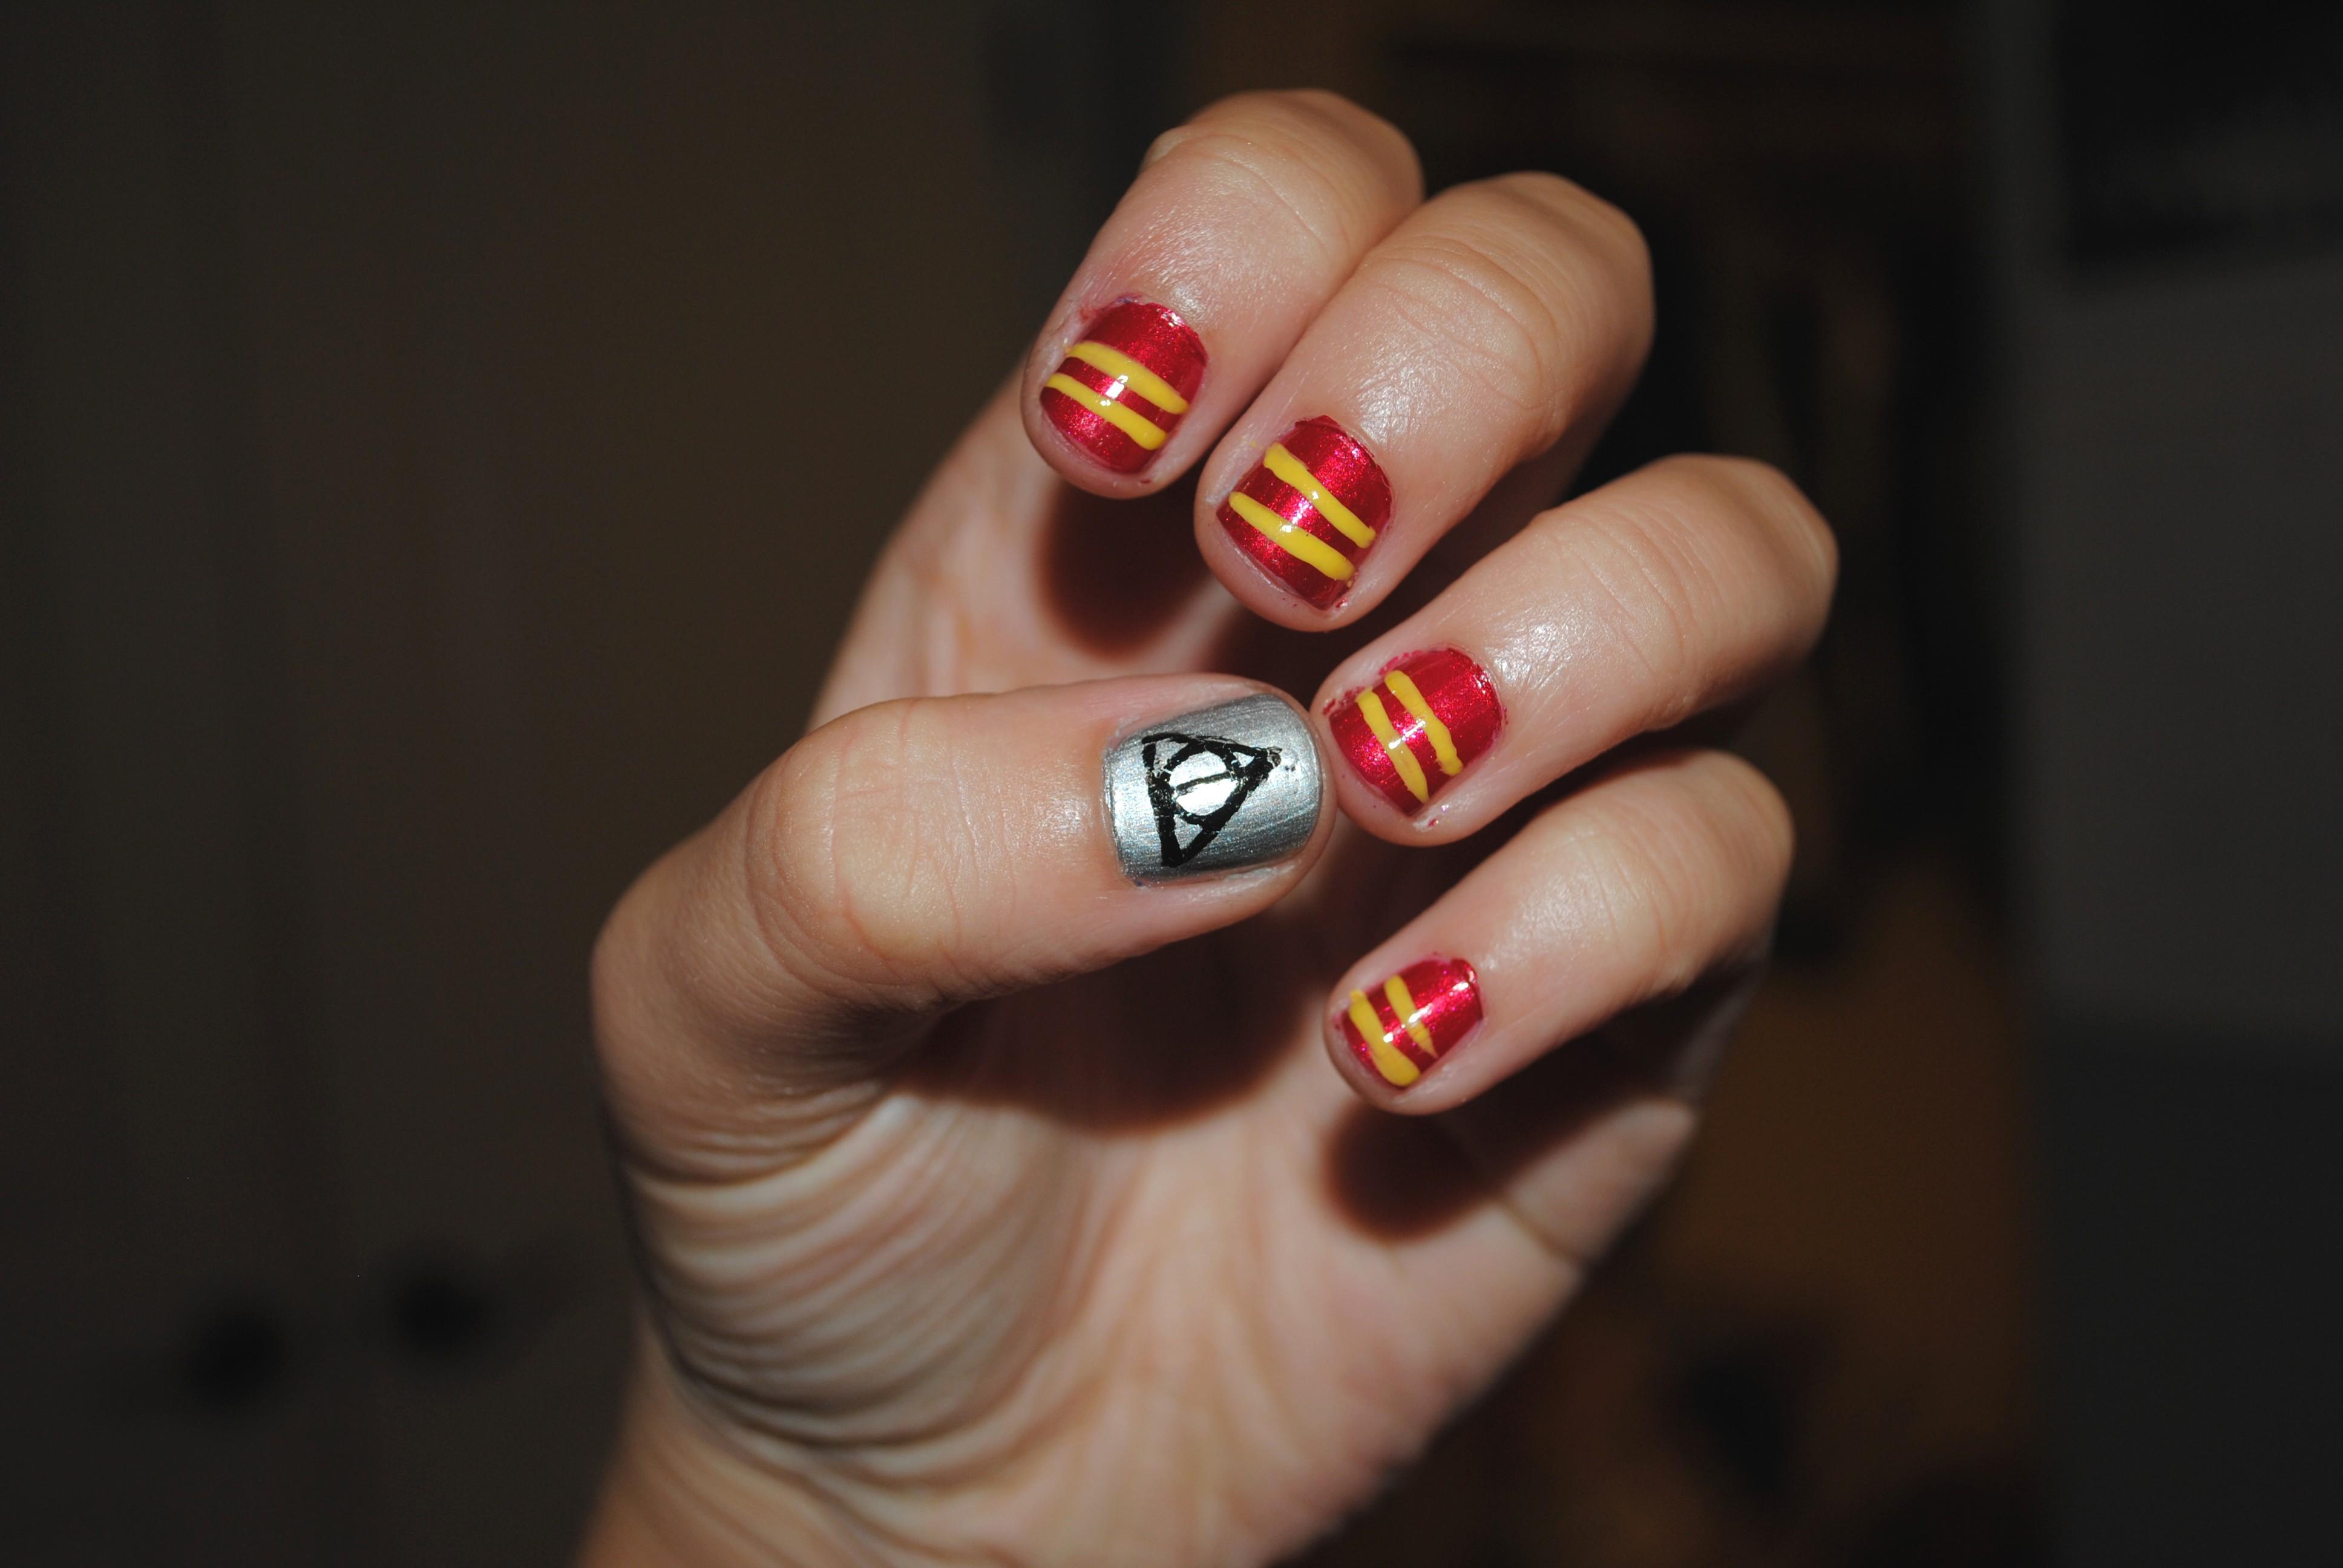 Hintergrundbilder : schwarz, rot, Gelb, Polieren, Nägel, Silber ...